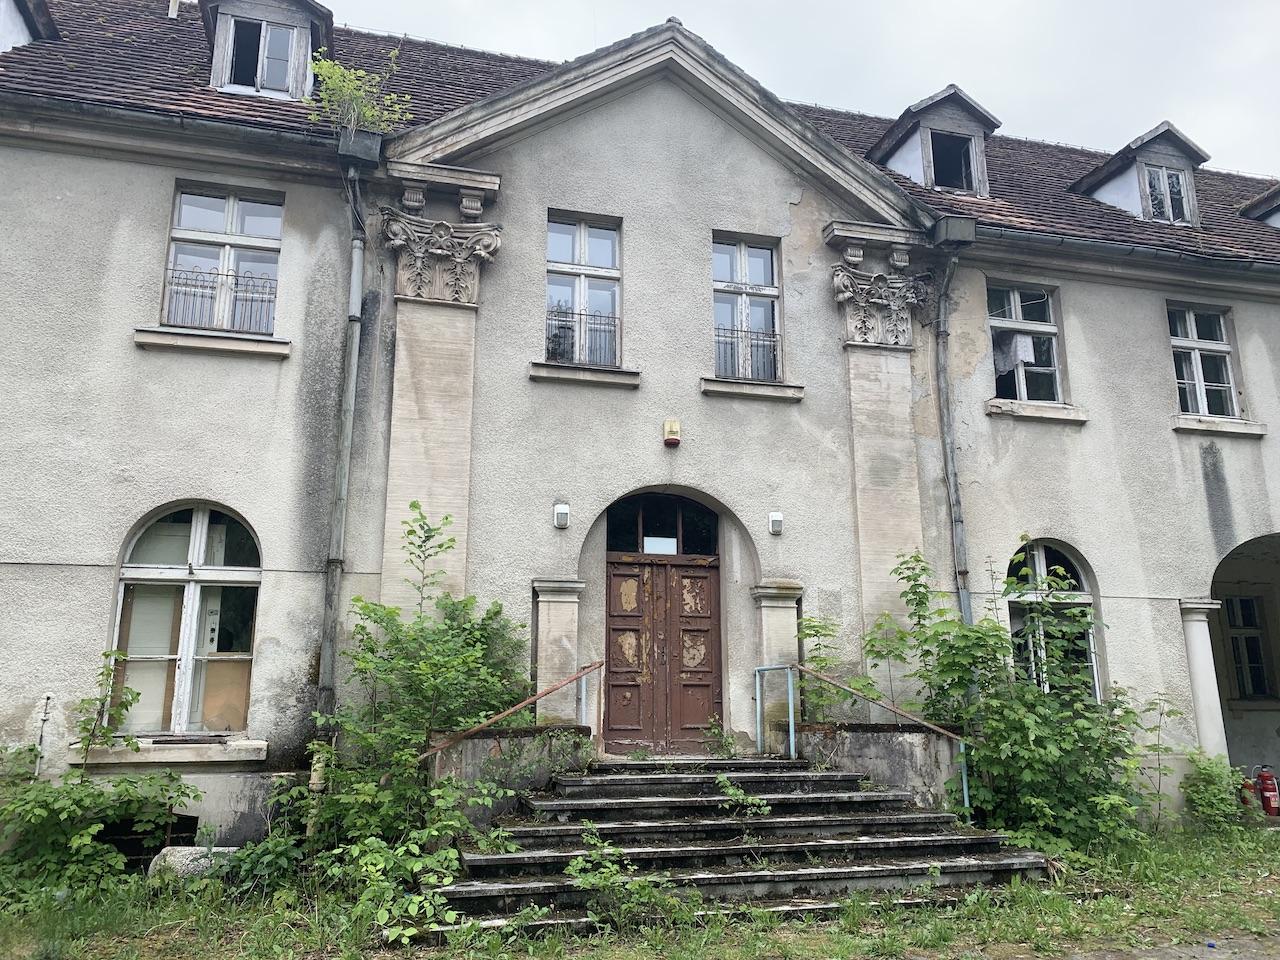 Opuszczony szpital miłowody szpital w miłowodach - Kacper Witt